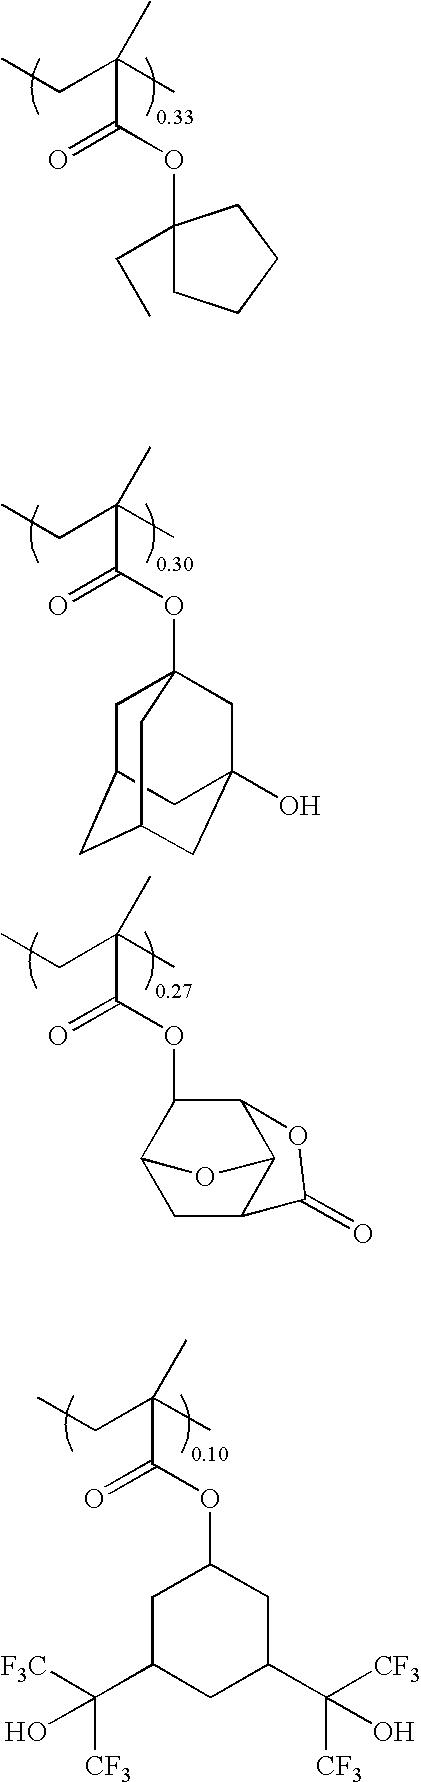 Figure US07368218-20080506-C00063